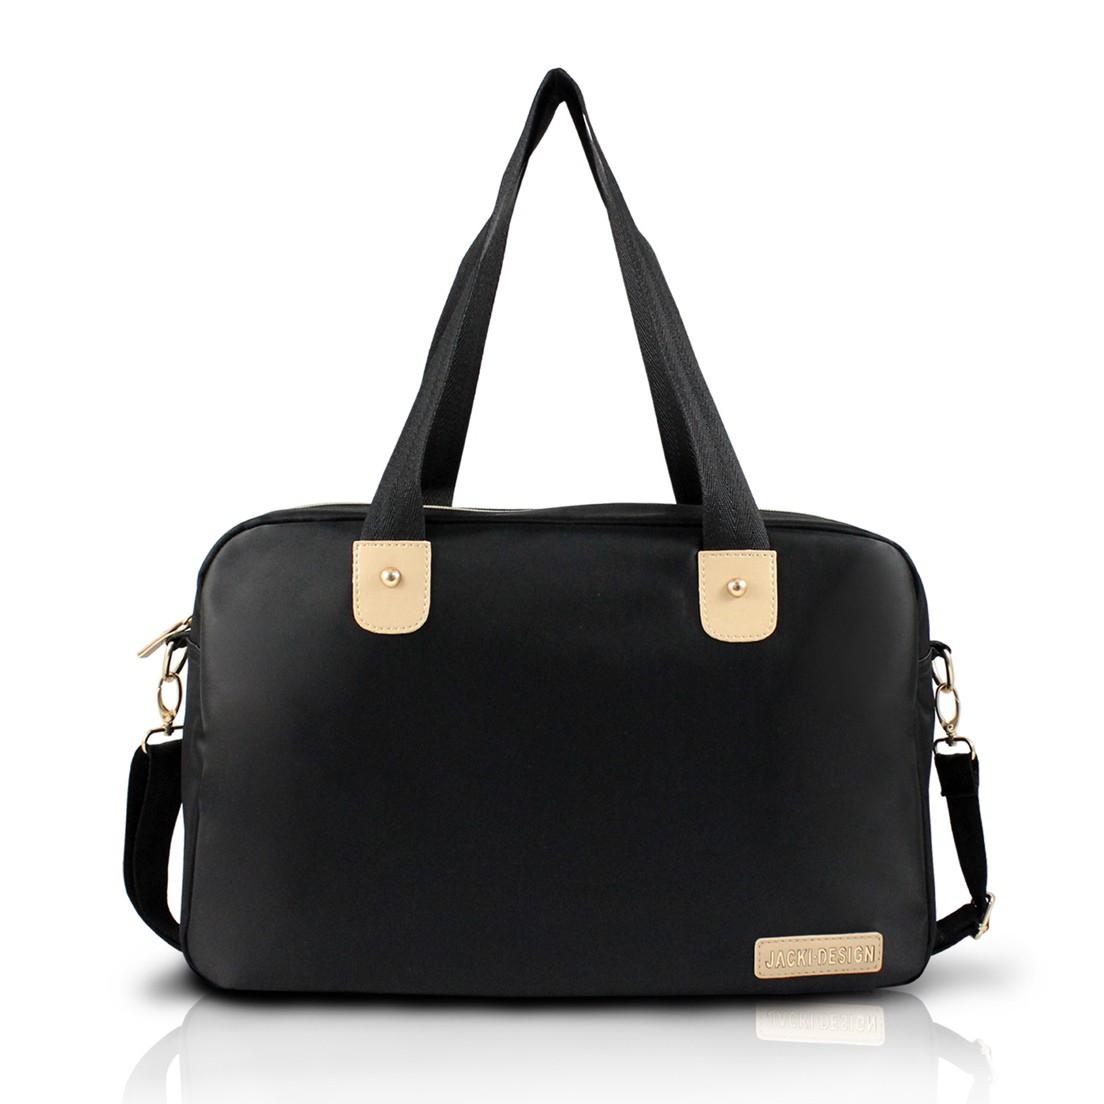 Bolsa de Academia Lisa Essencial I Jacki Design